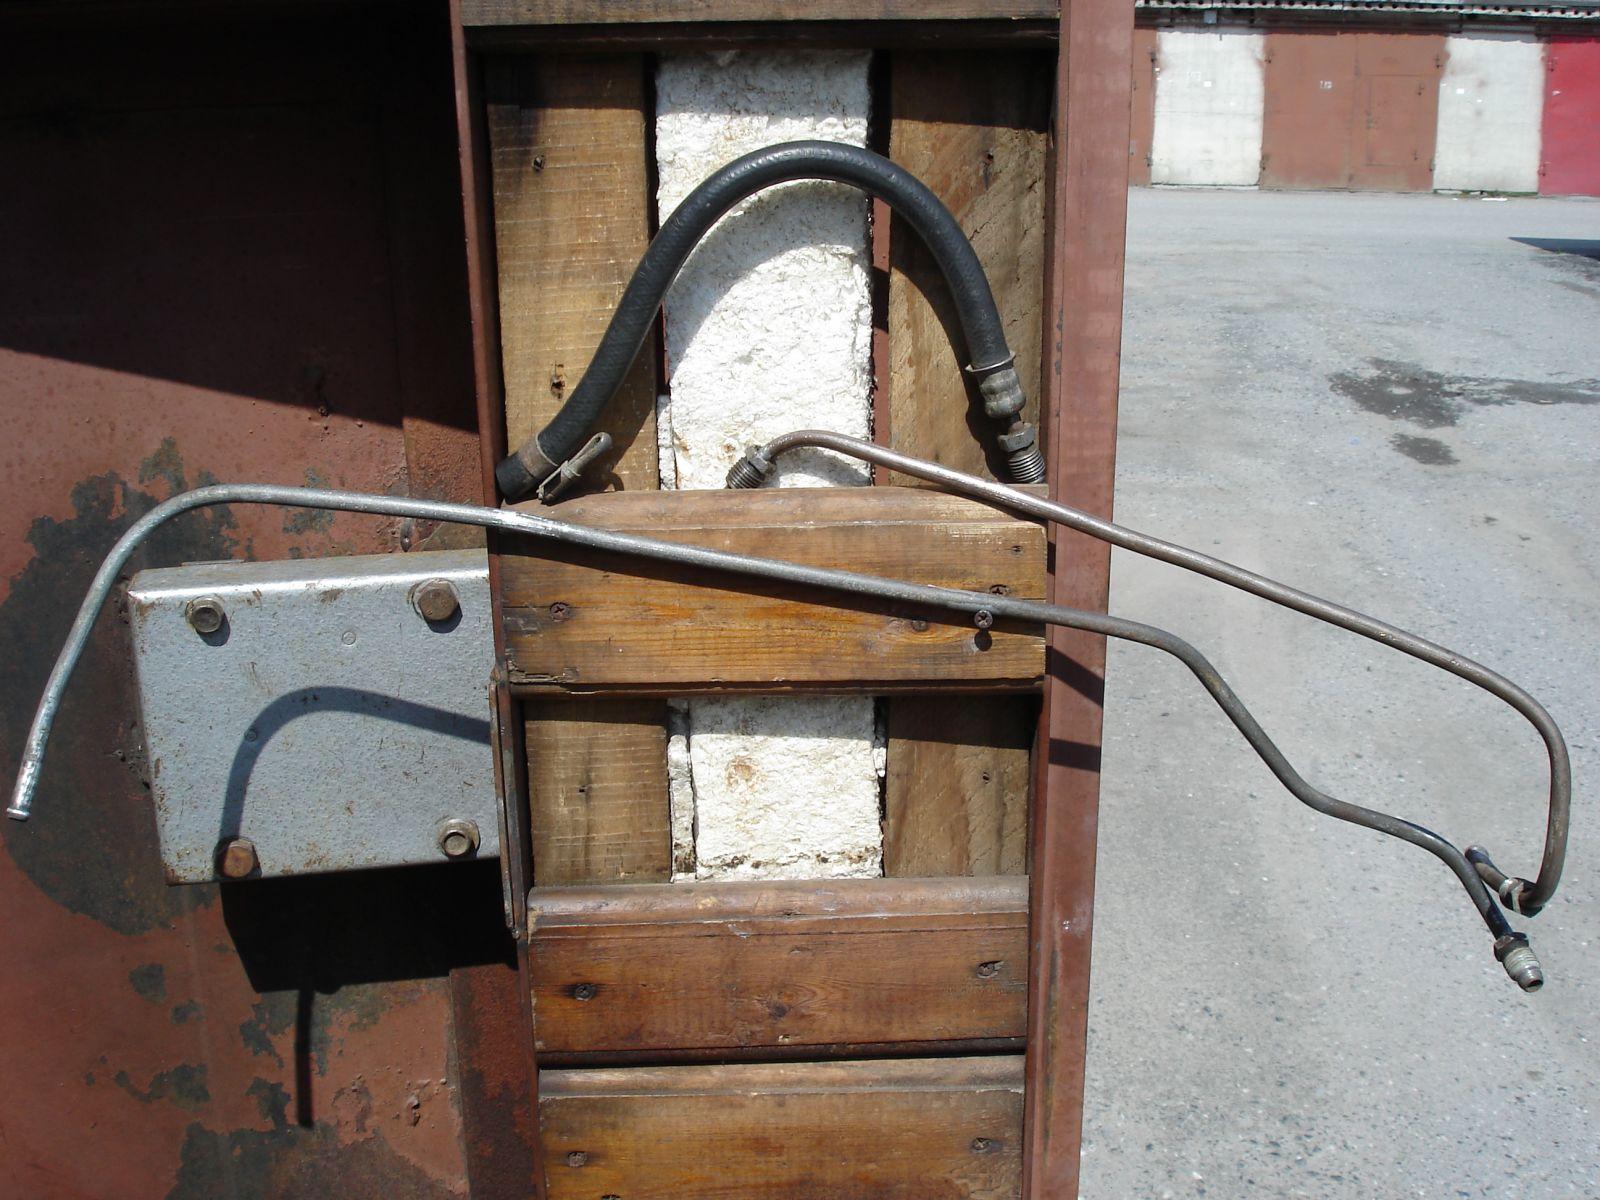 Топливные трубки моторного отсека. Сост. отл., включая резин. шланг на бензонасос. На сборку.